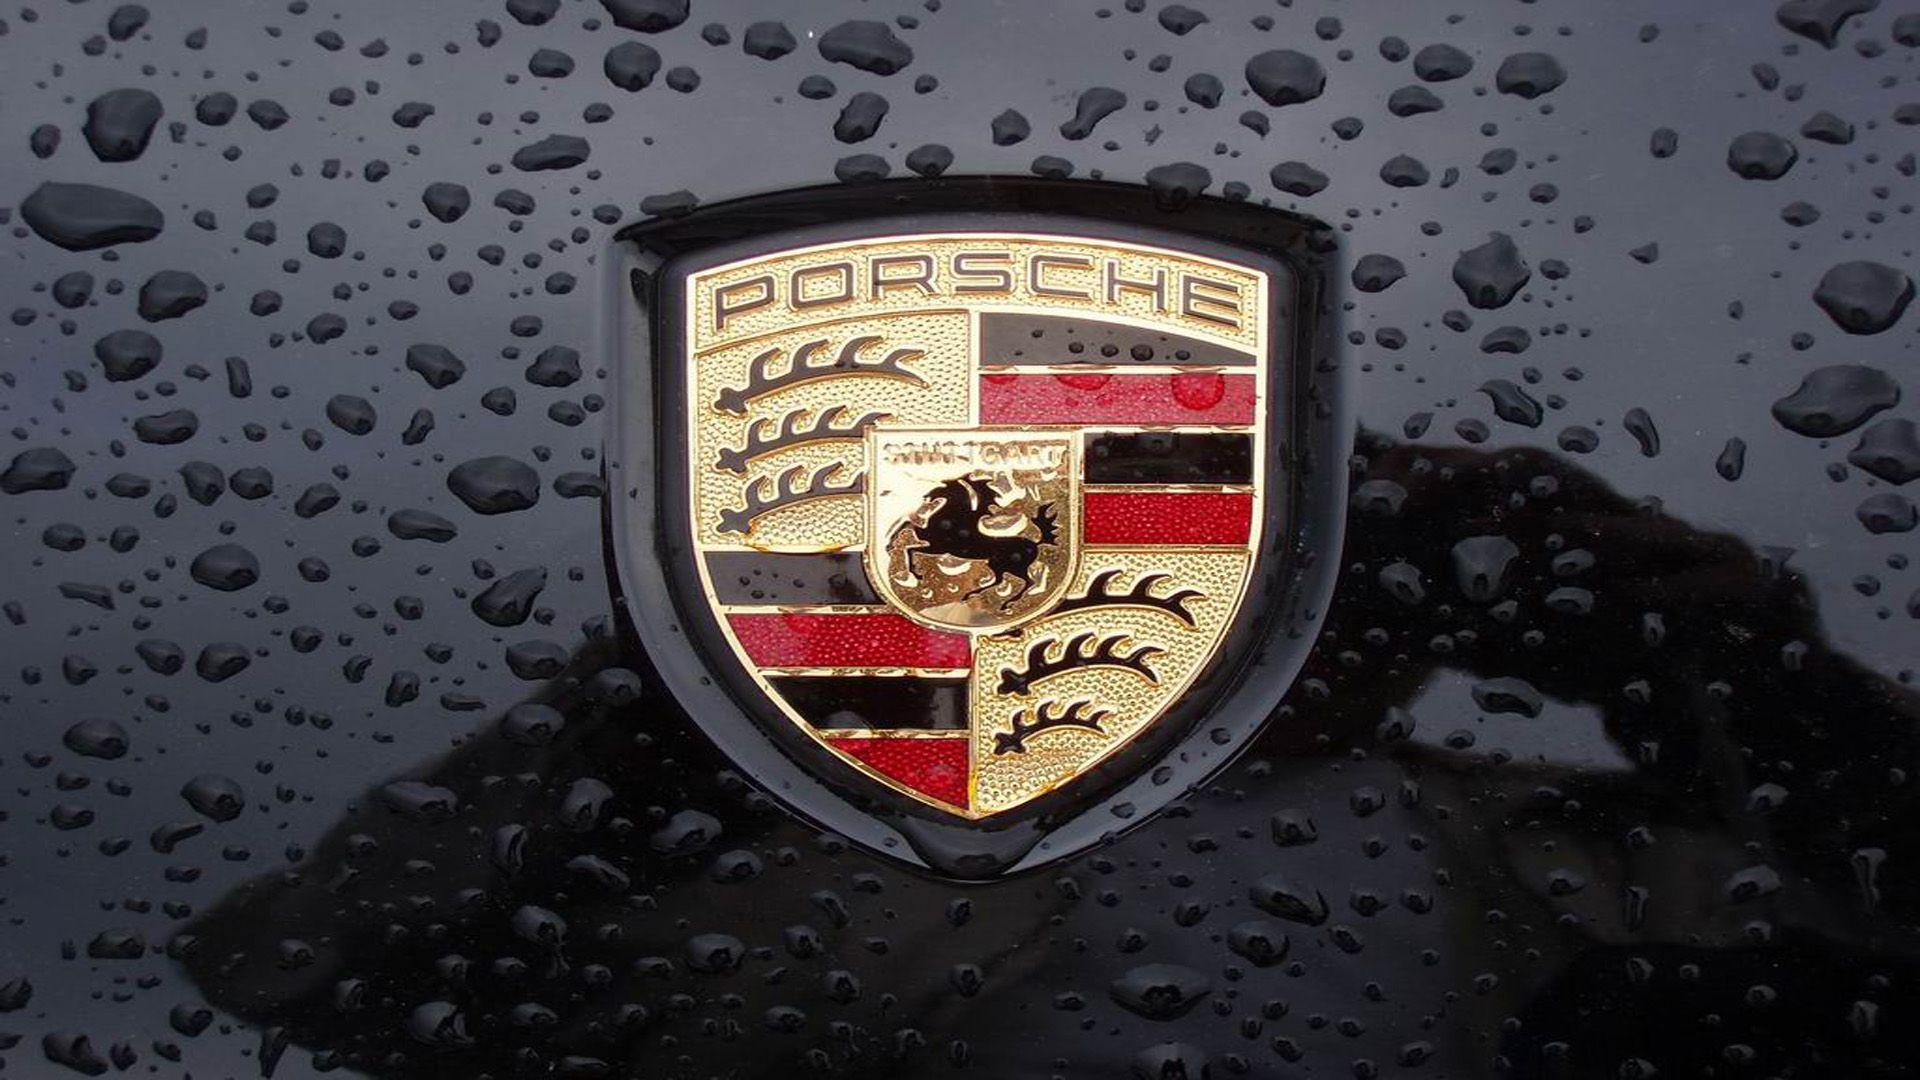 porsche logo wallpaper high quality sdeerwallpaper